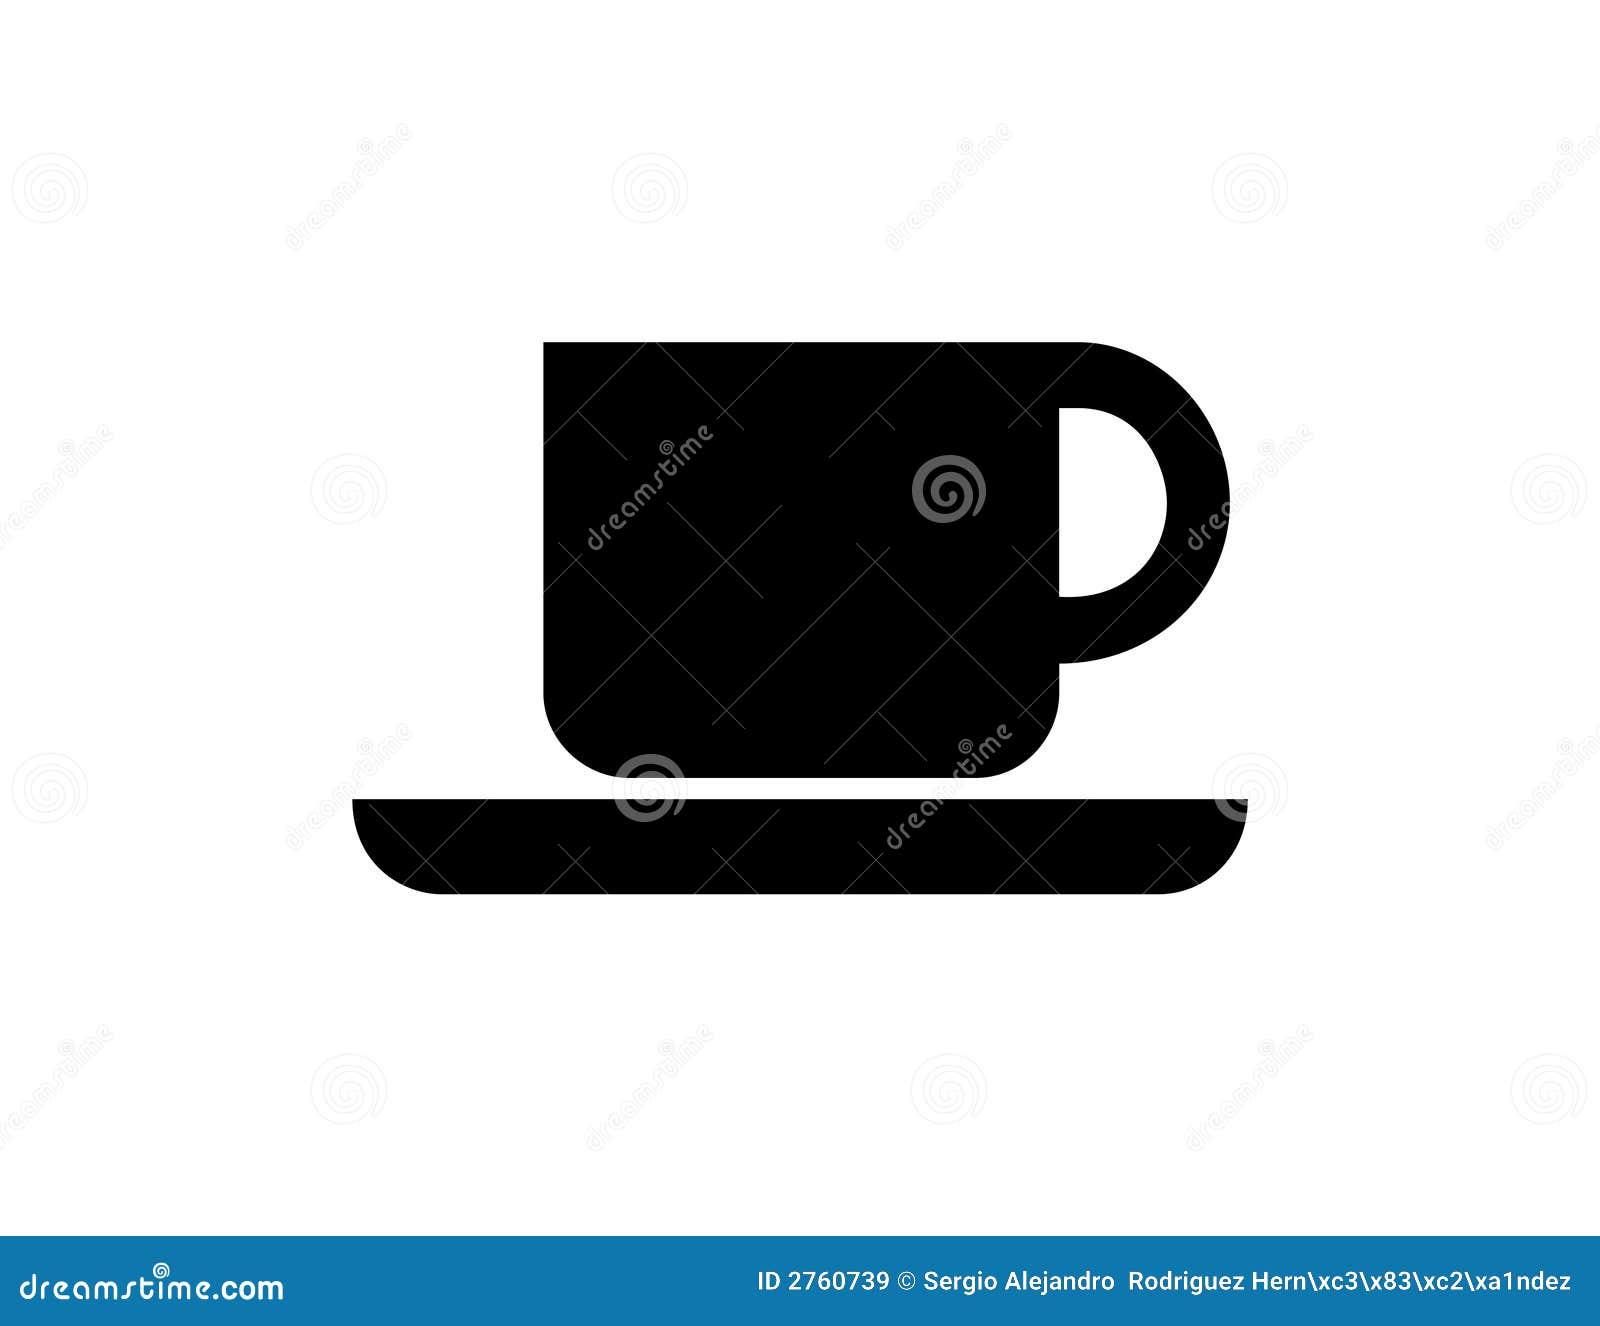 Caffetteria immagini stock libere da diritti immagine for Immagini caffetteria